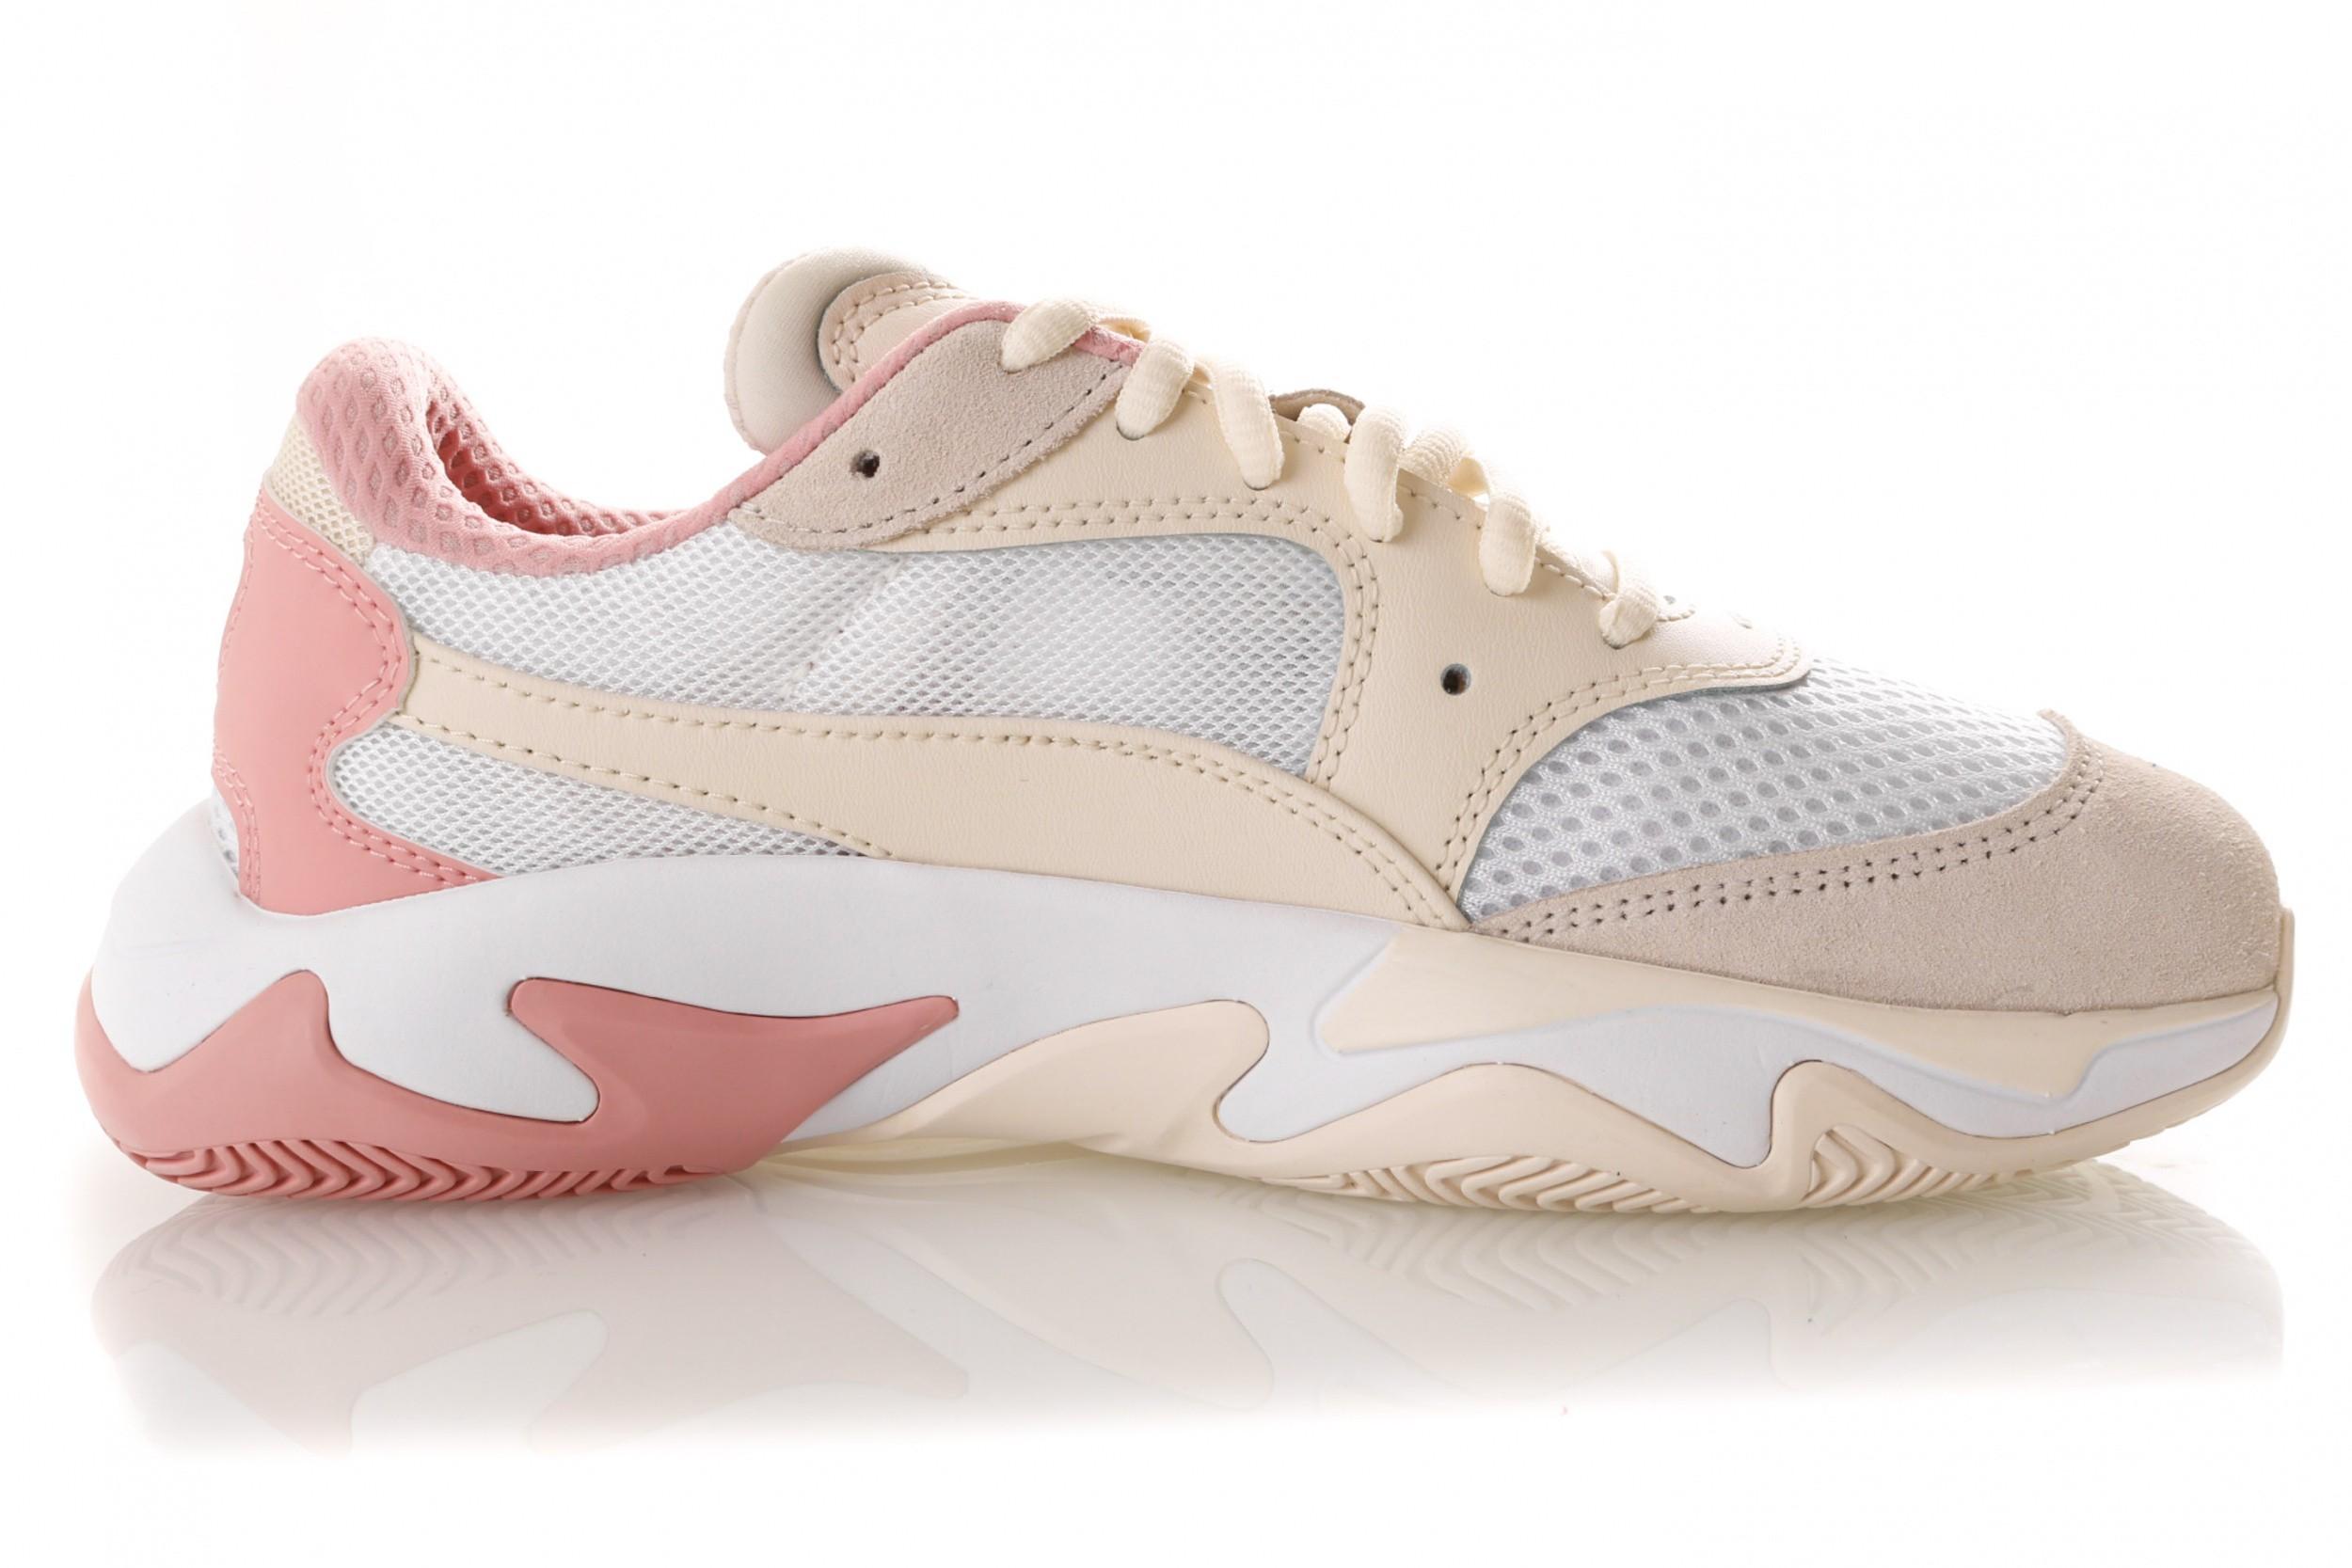 717d96214d2 Puma Storm Origin 369770 04 Sneakers Pastel Parchment-Puma White